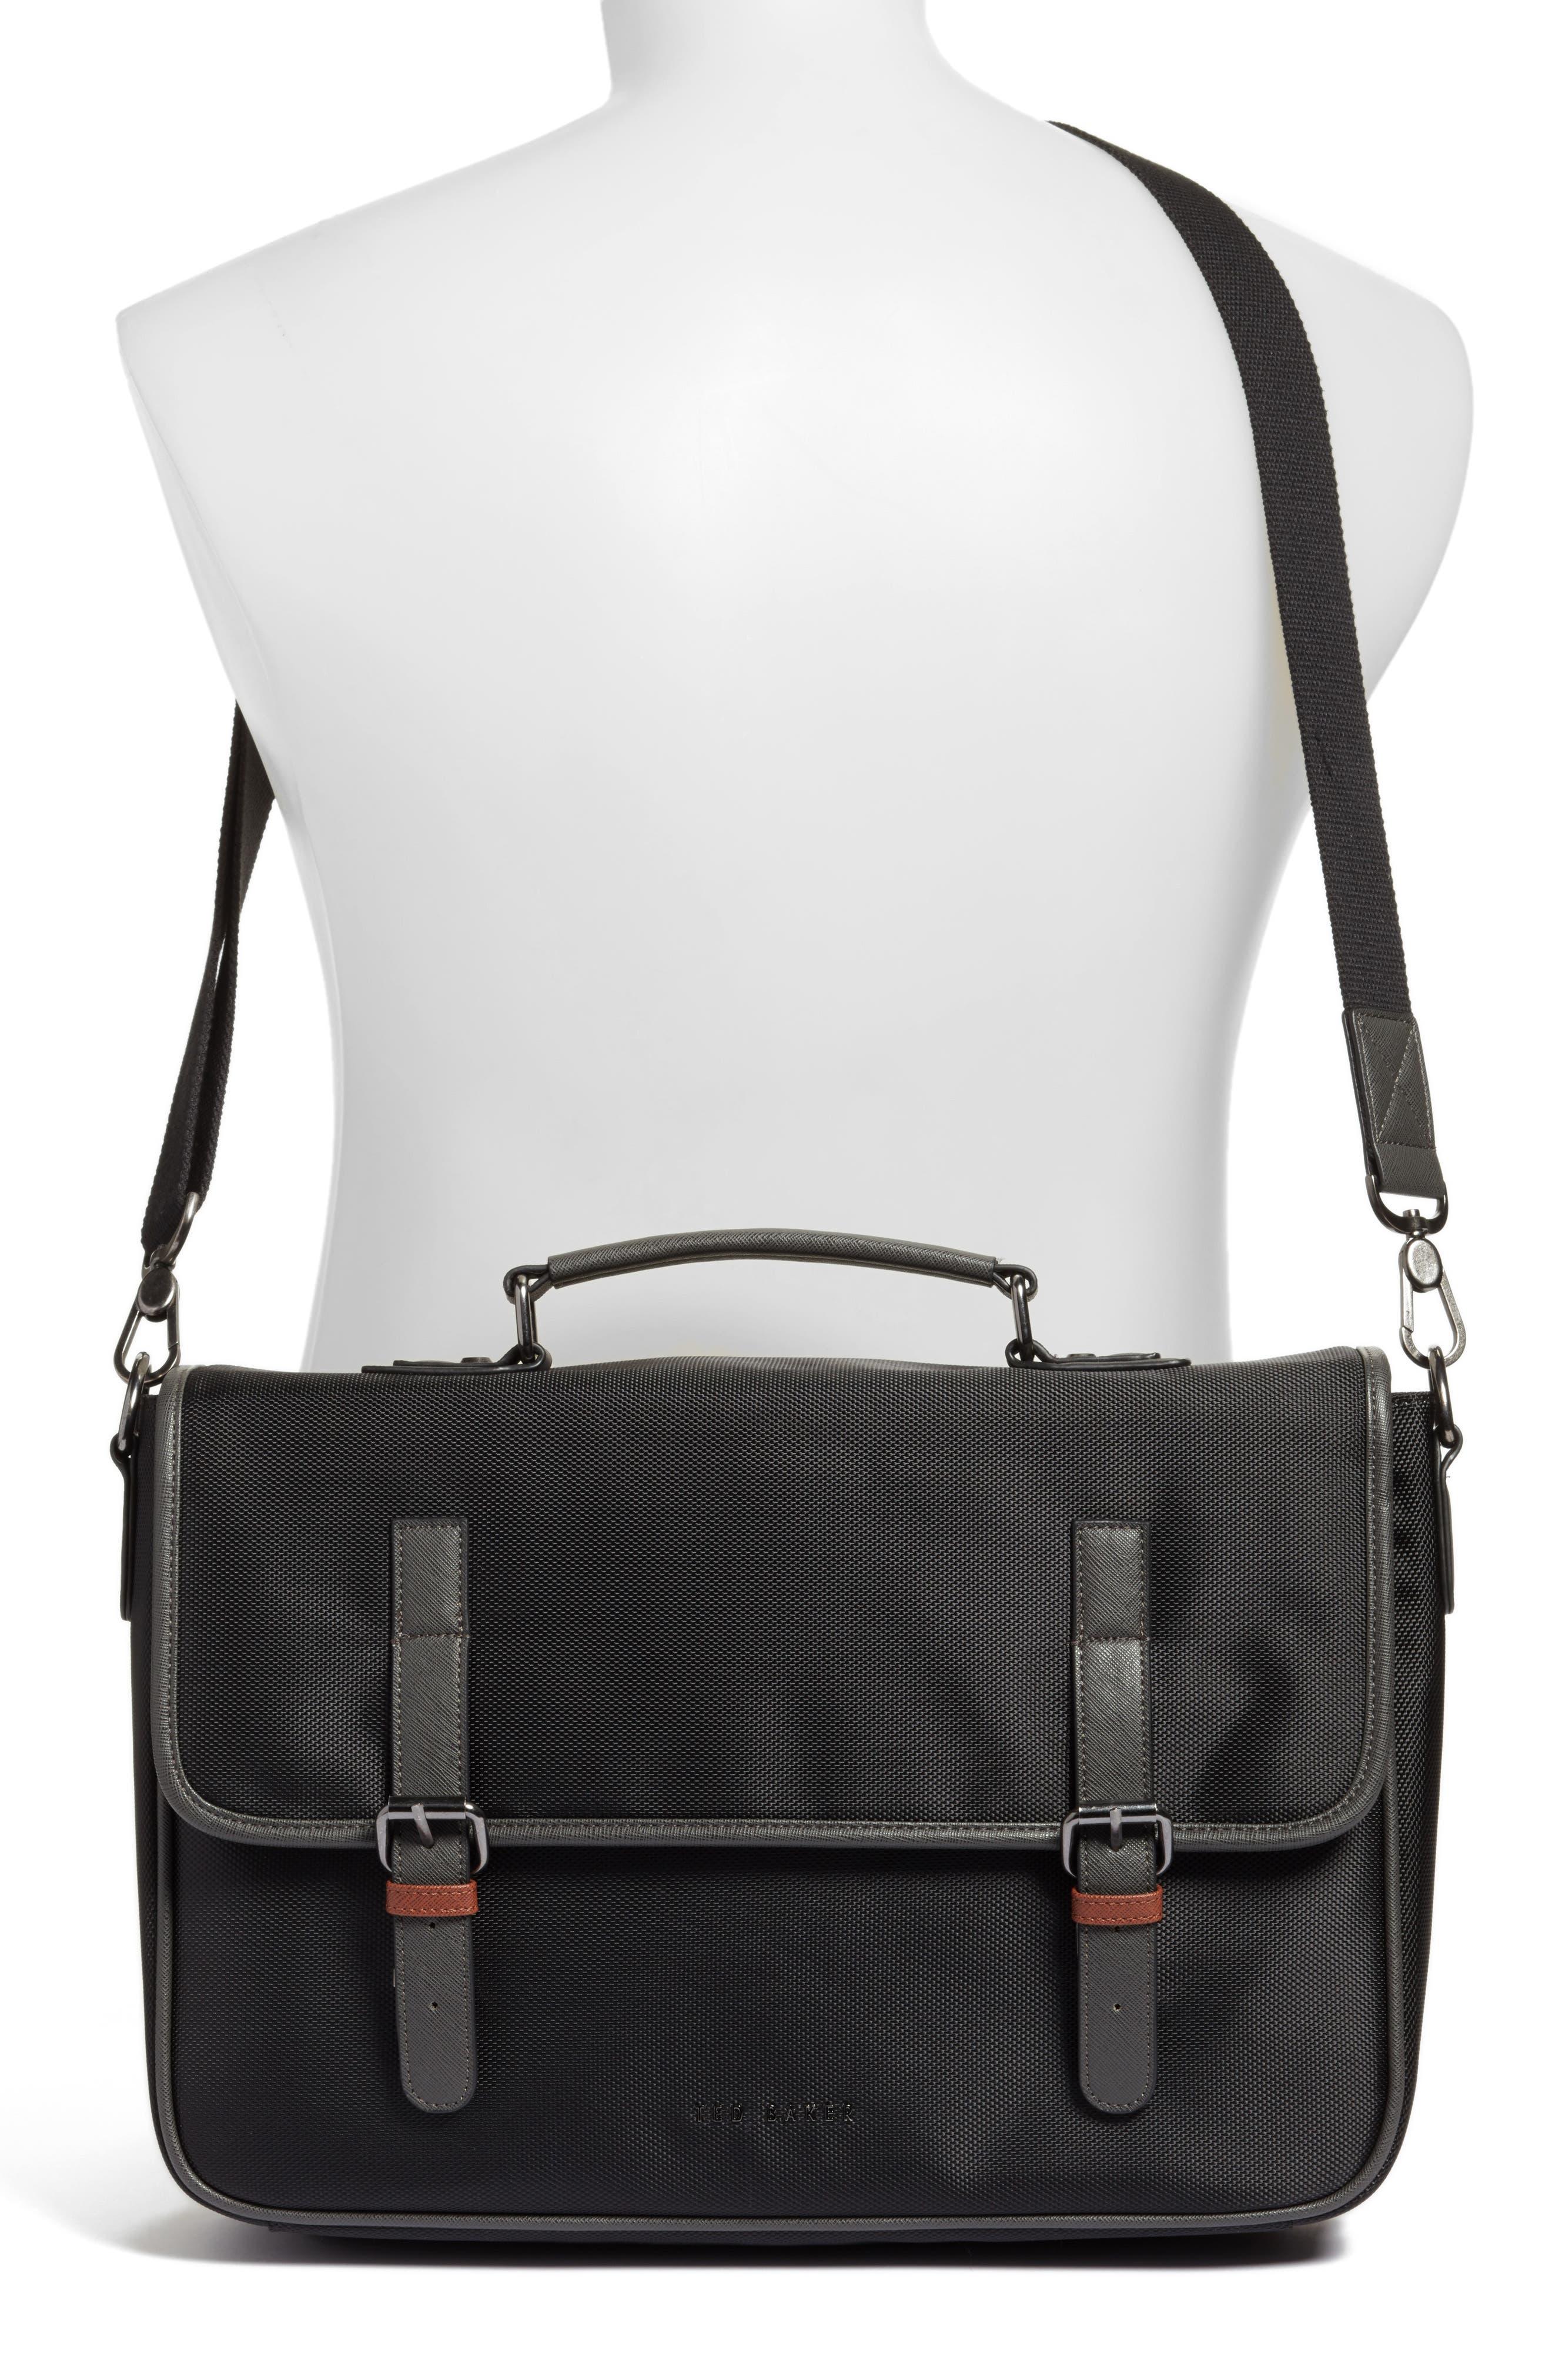 Cattar Messenger Bag,                             Alternate thumbnail 2, color,                             Black